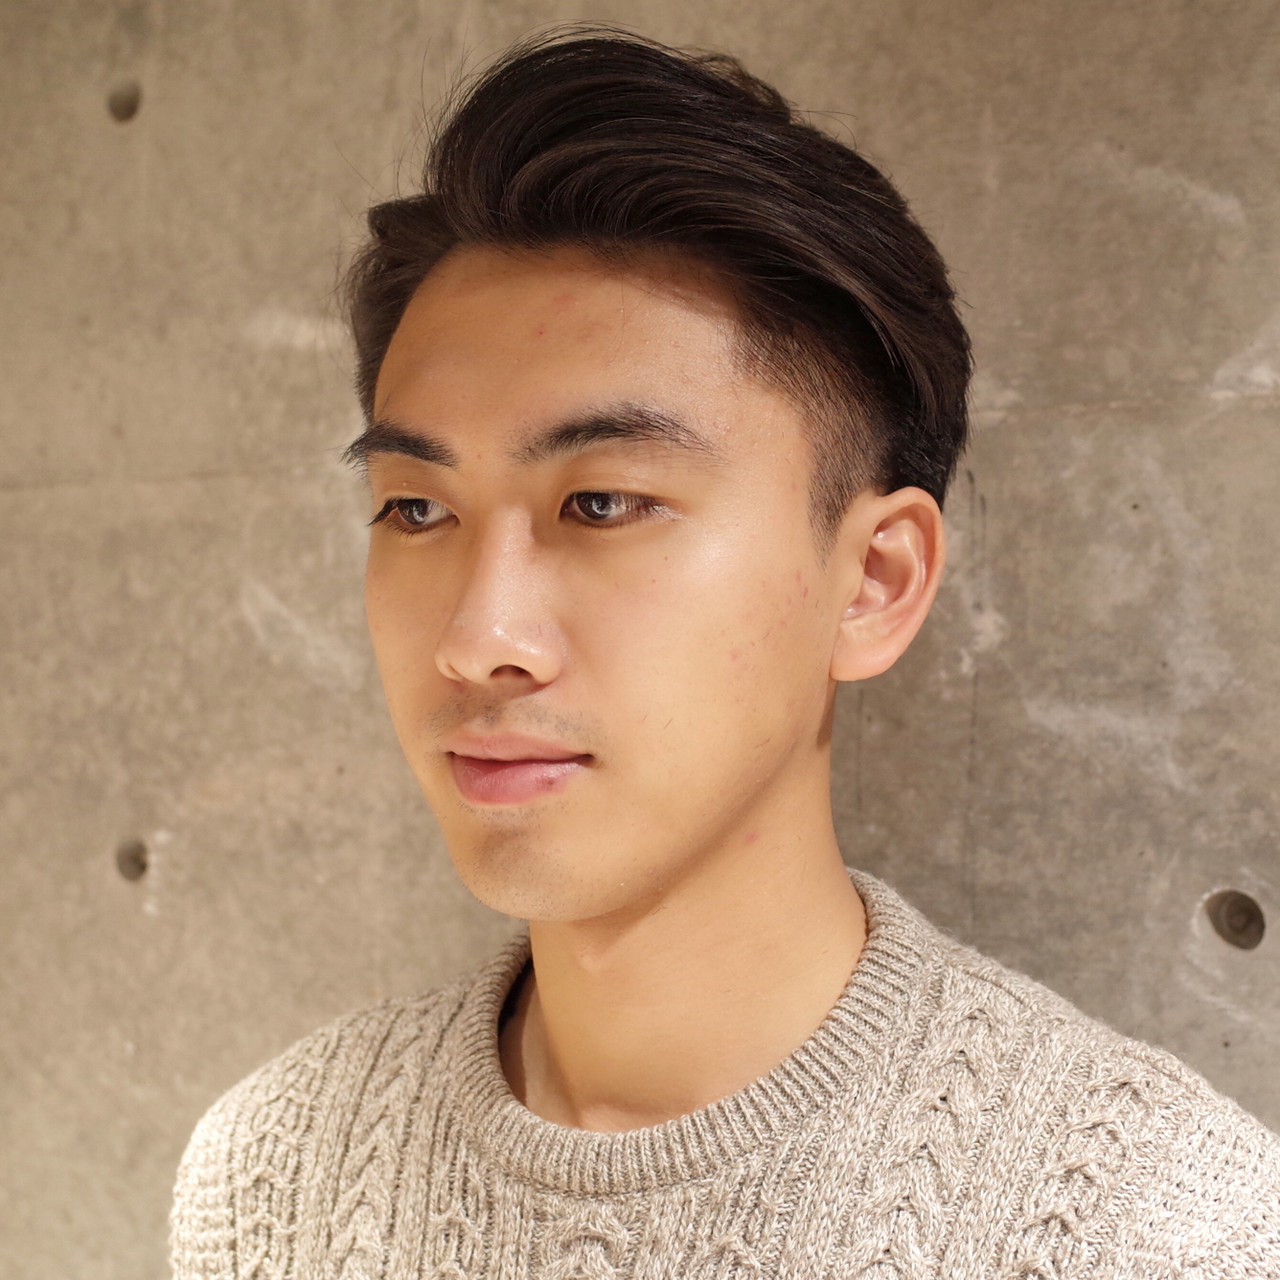 メンズ 刈り上げ ショート ツーブロックヘアスタイルや髪型の写真・画像